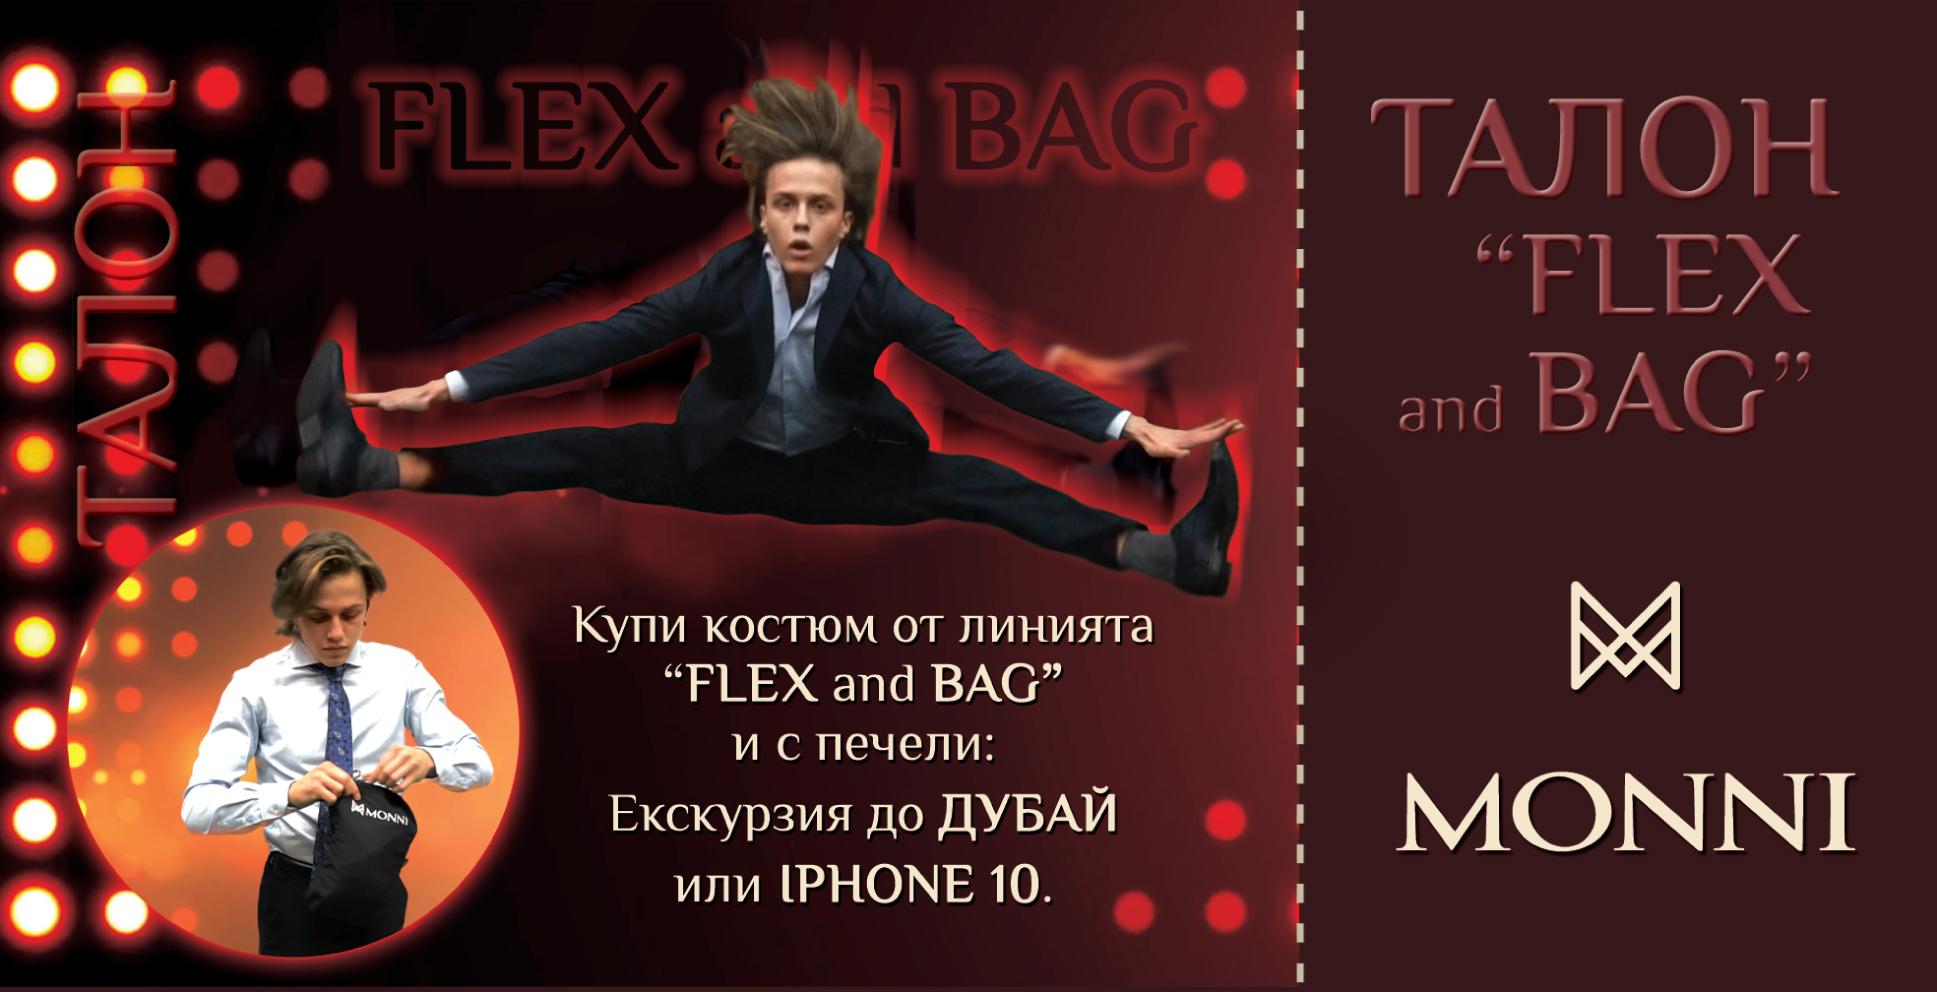 Томбола Flex&Bag